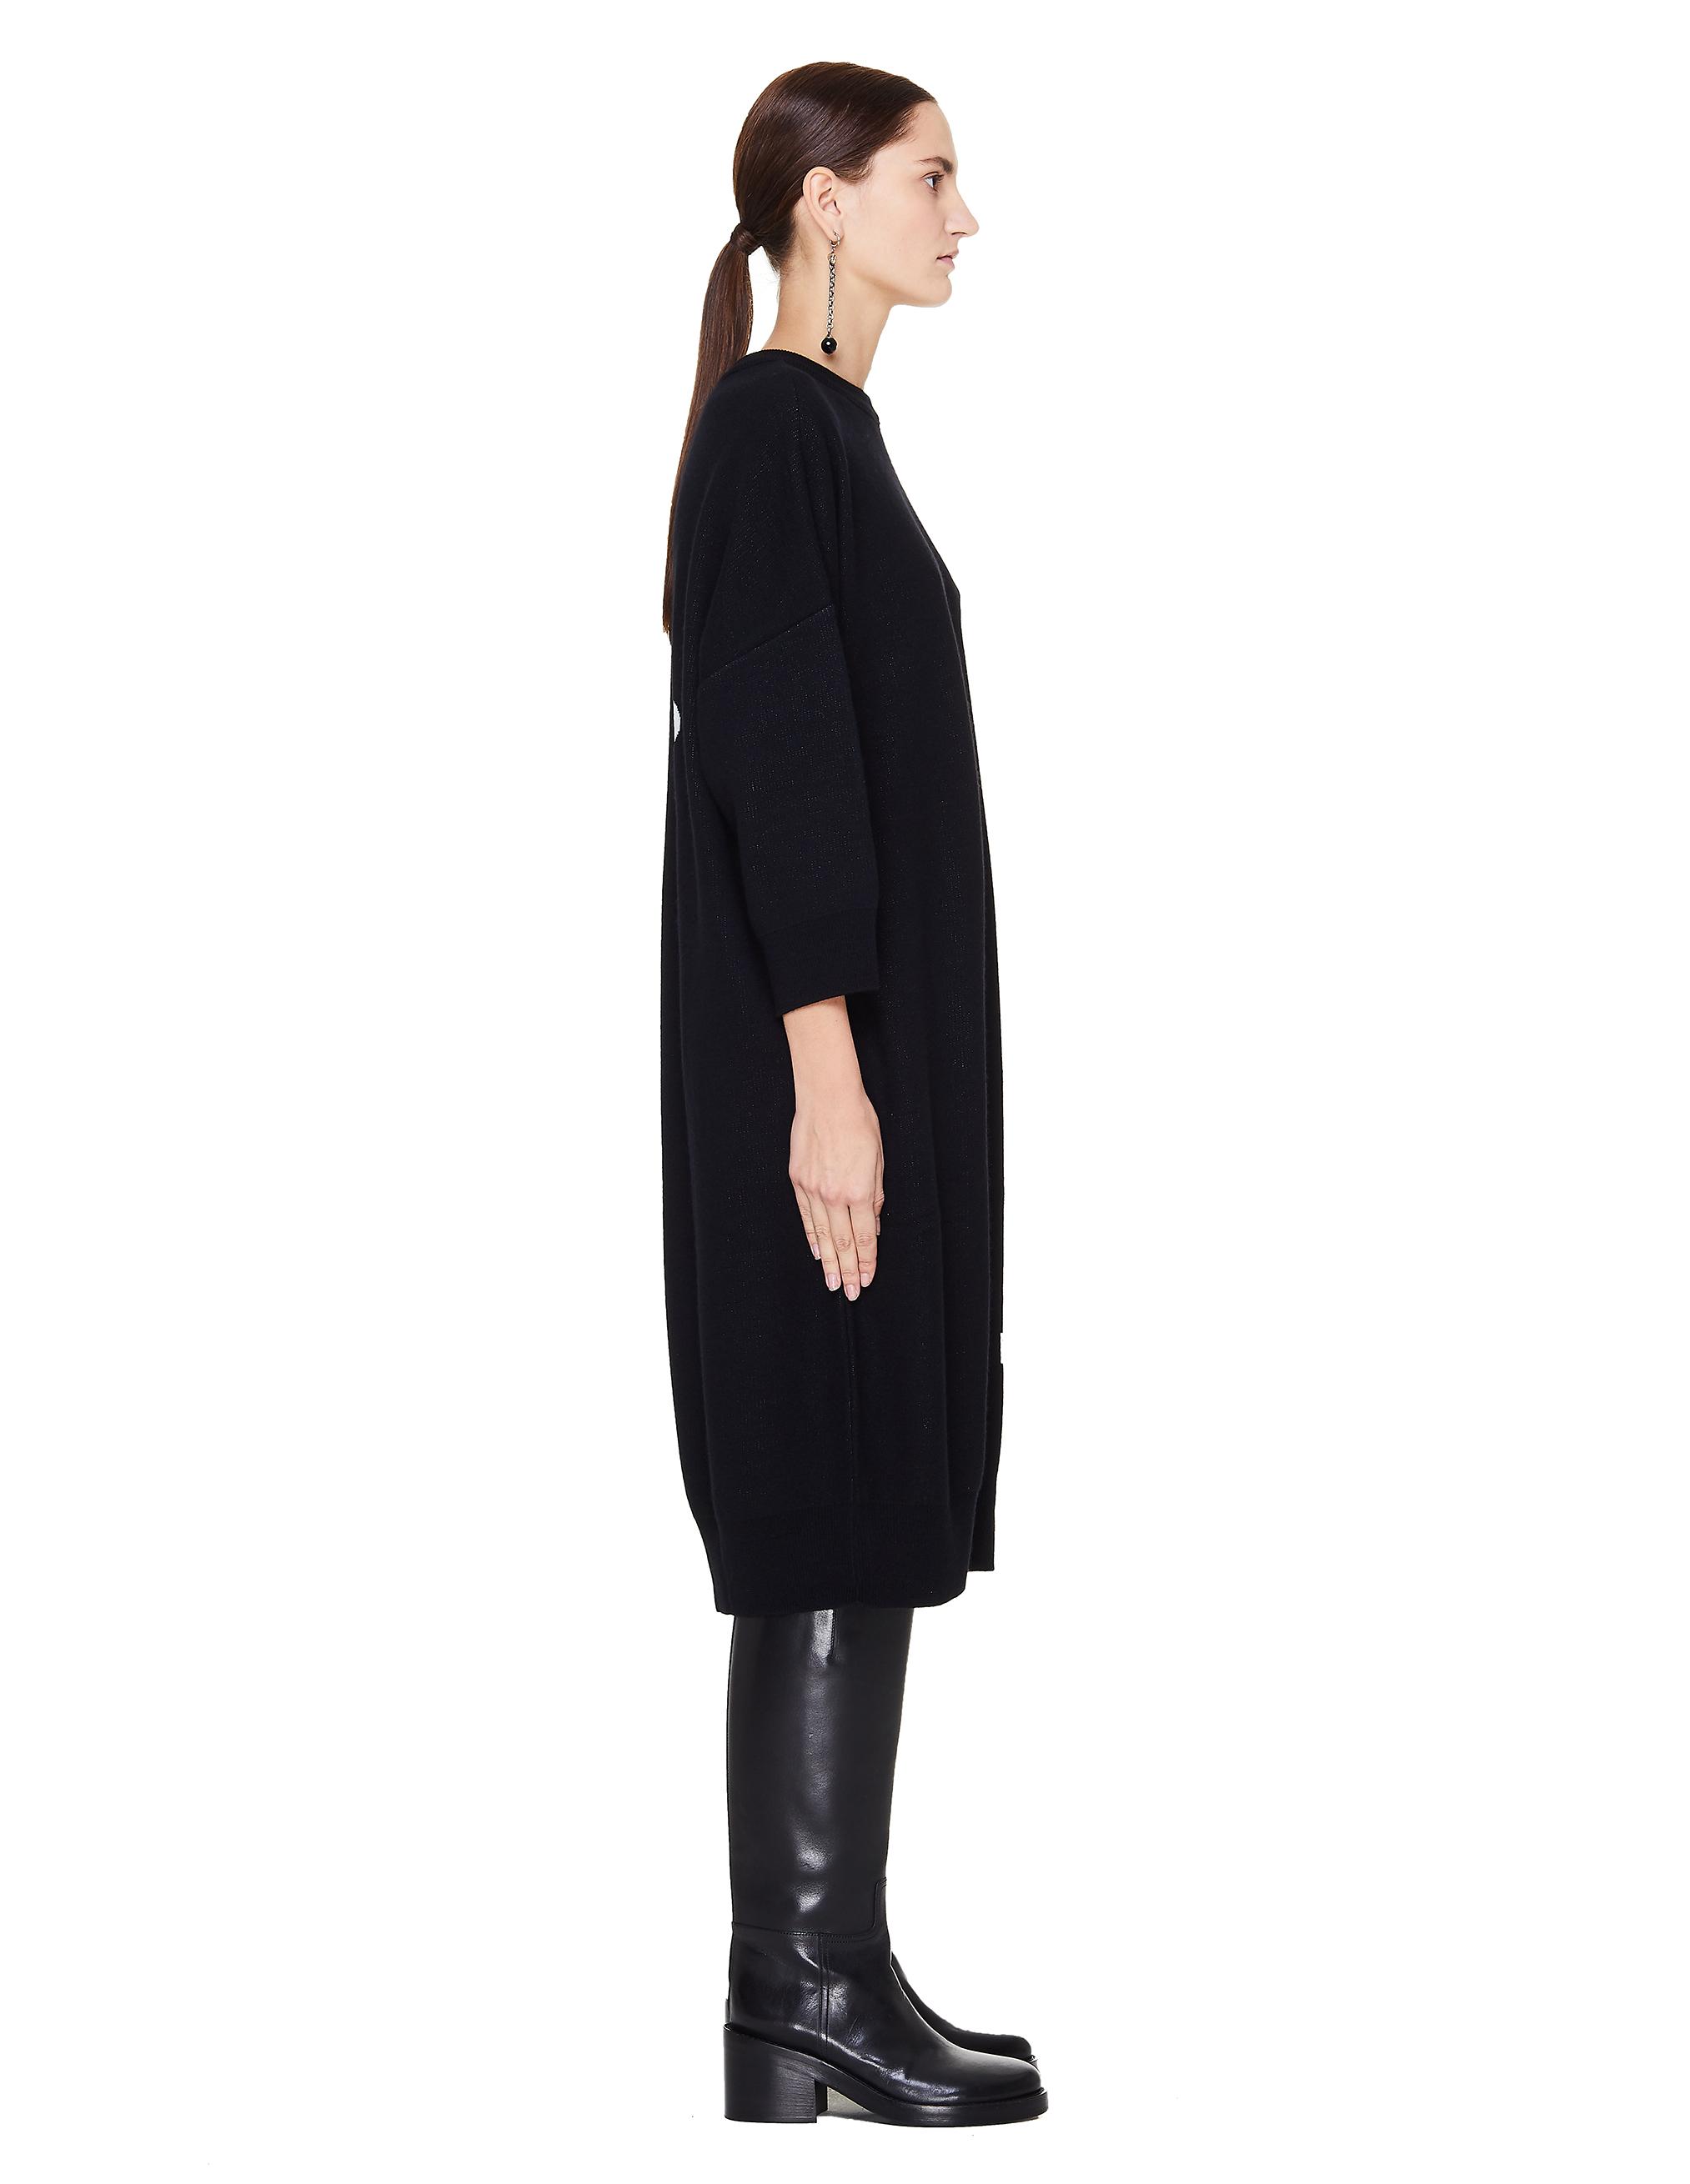 4b742f2ce83dcf6 Черное шерстяное платье-свитер Y's Yohji Yamamoto YV-K02-080/blk купить за  64200 рублей в интернет-магазине